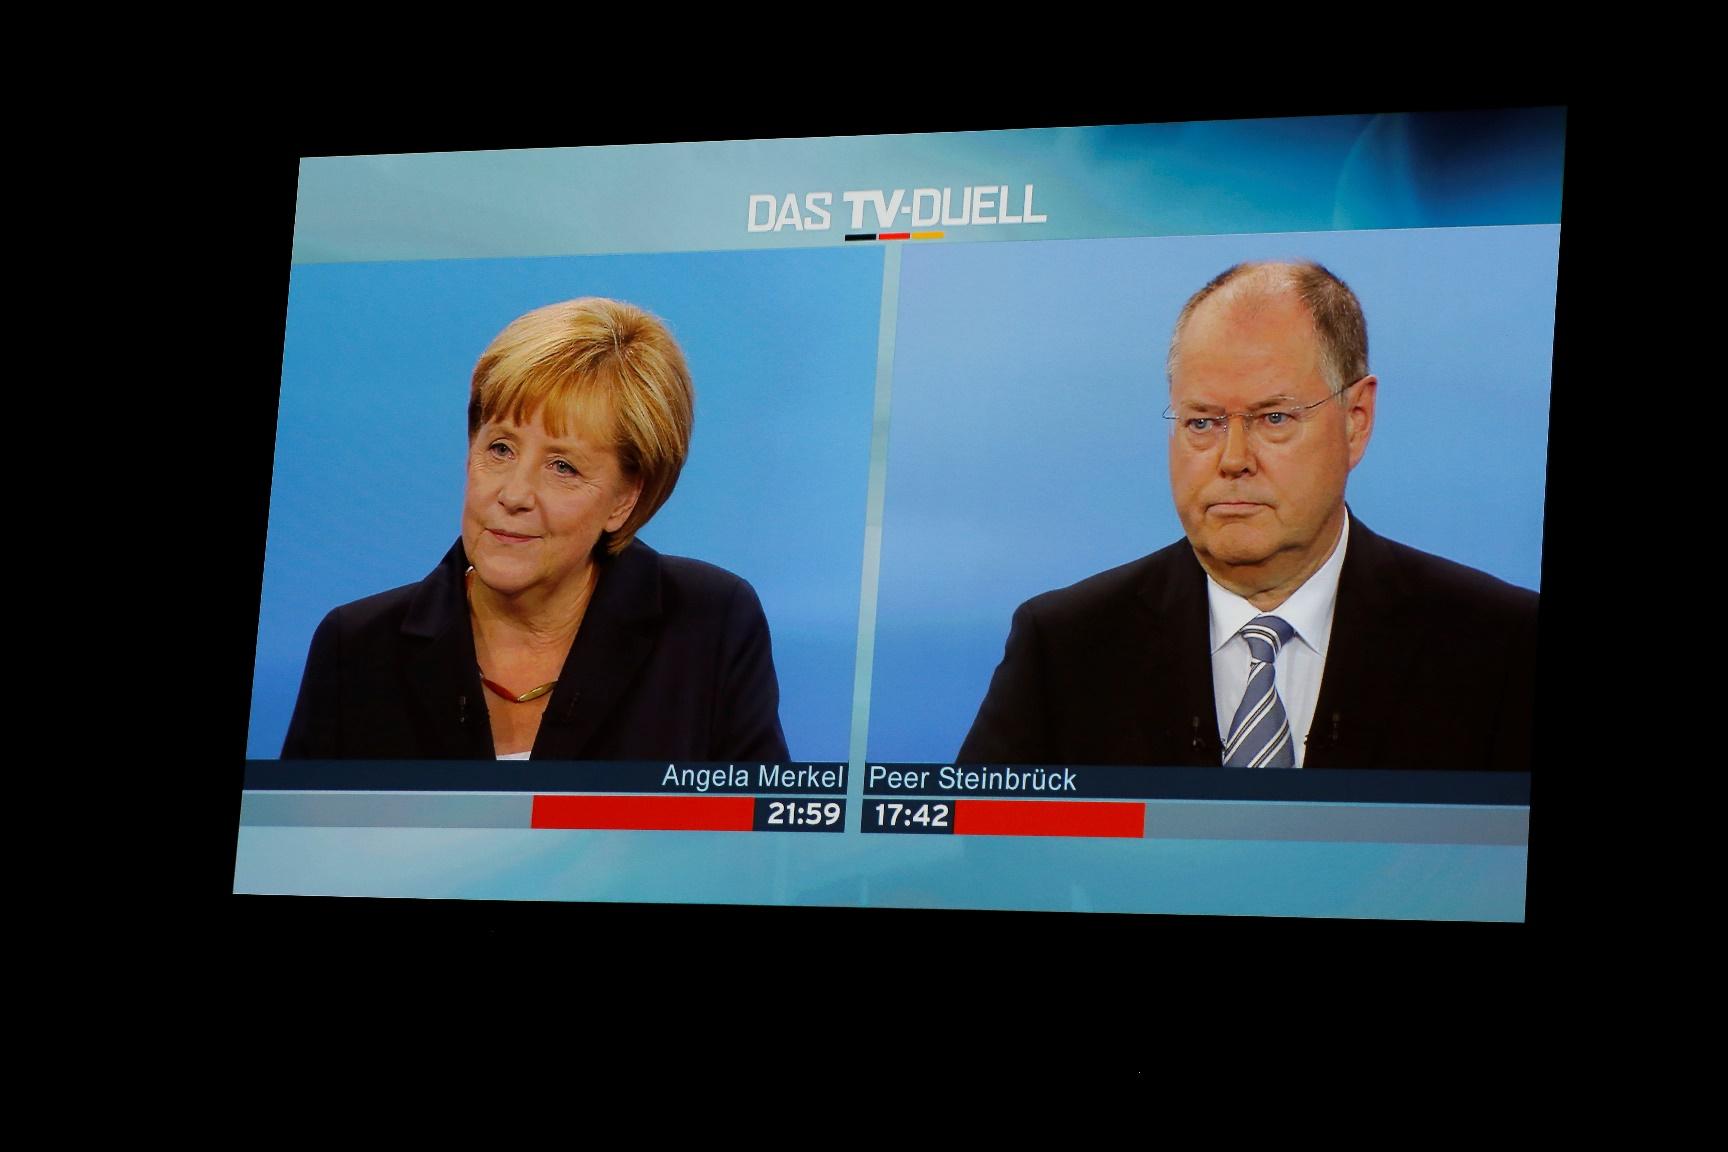 Νικητής του γερμανικού debate στα σημεία ο Στάινμπρουκ